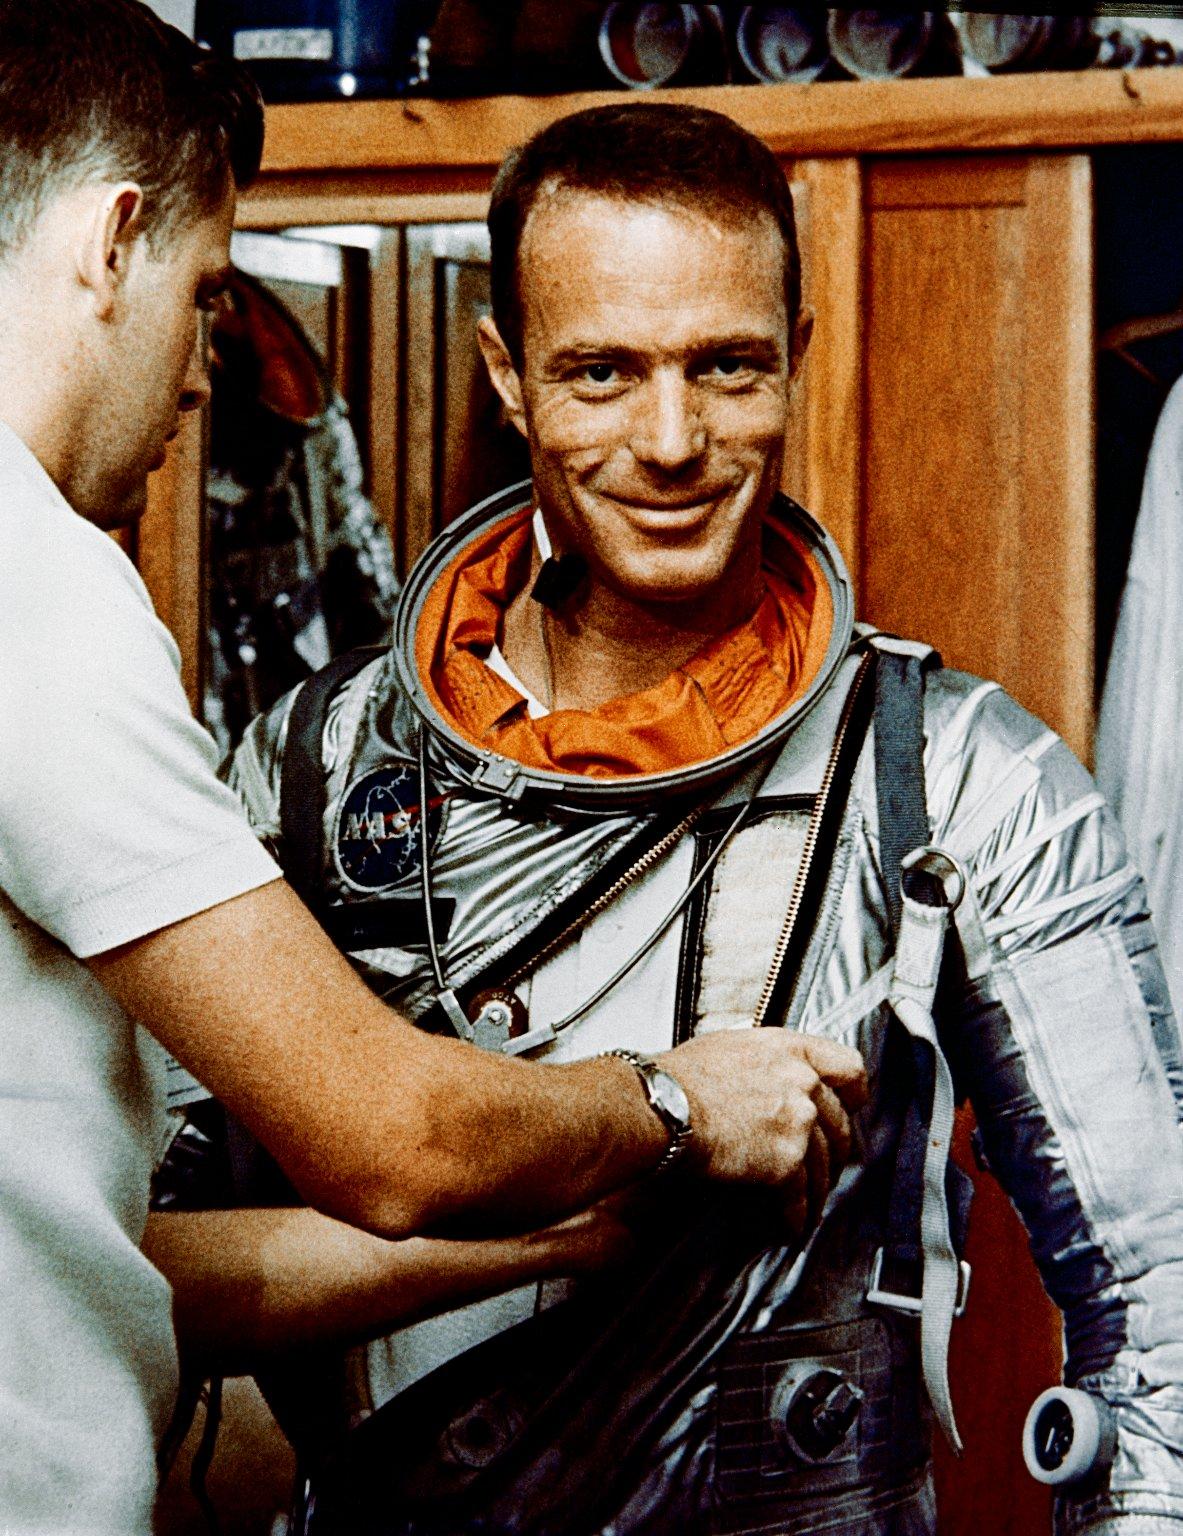 Astronaut Scott Carpenter in Hanger S Crew Quarters During Suiting Exercise